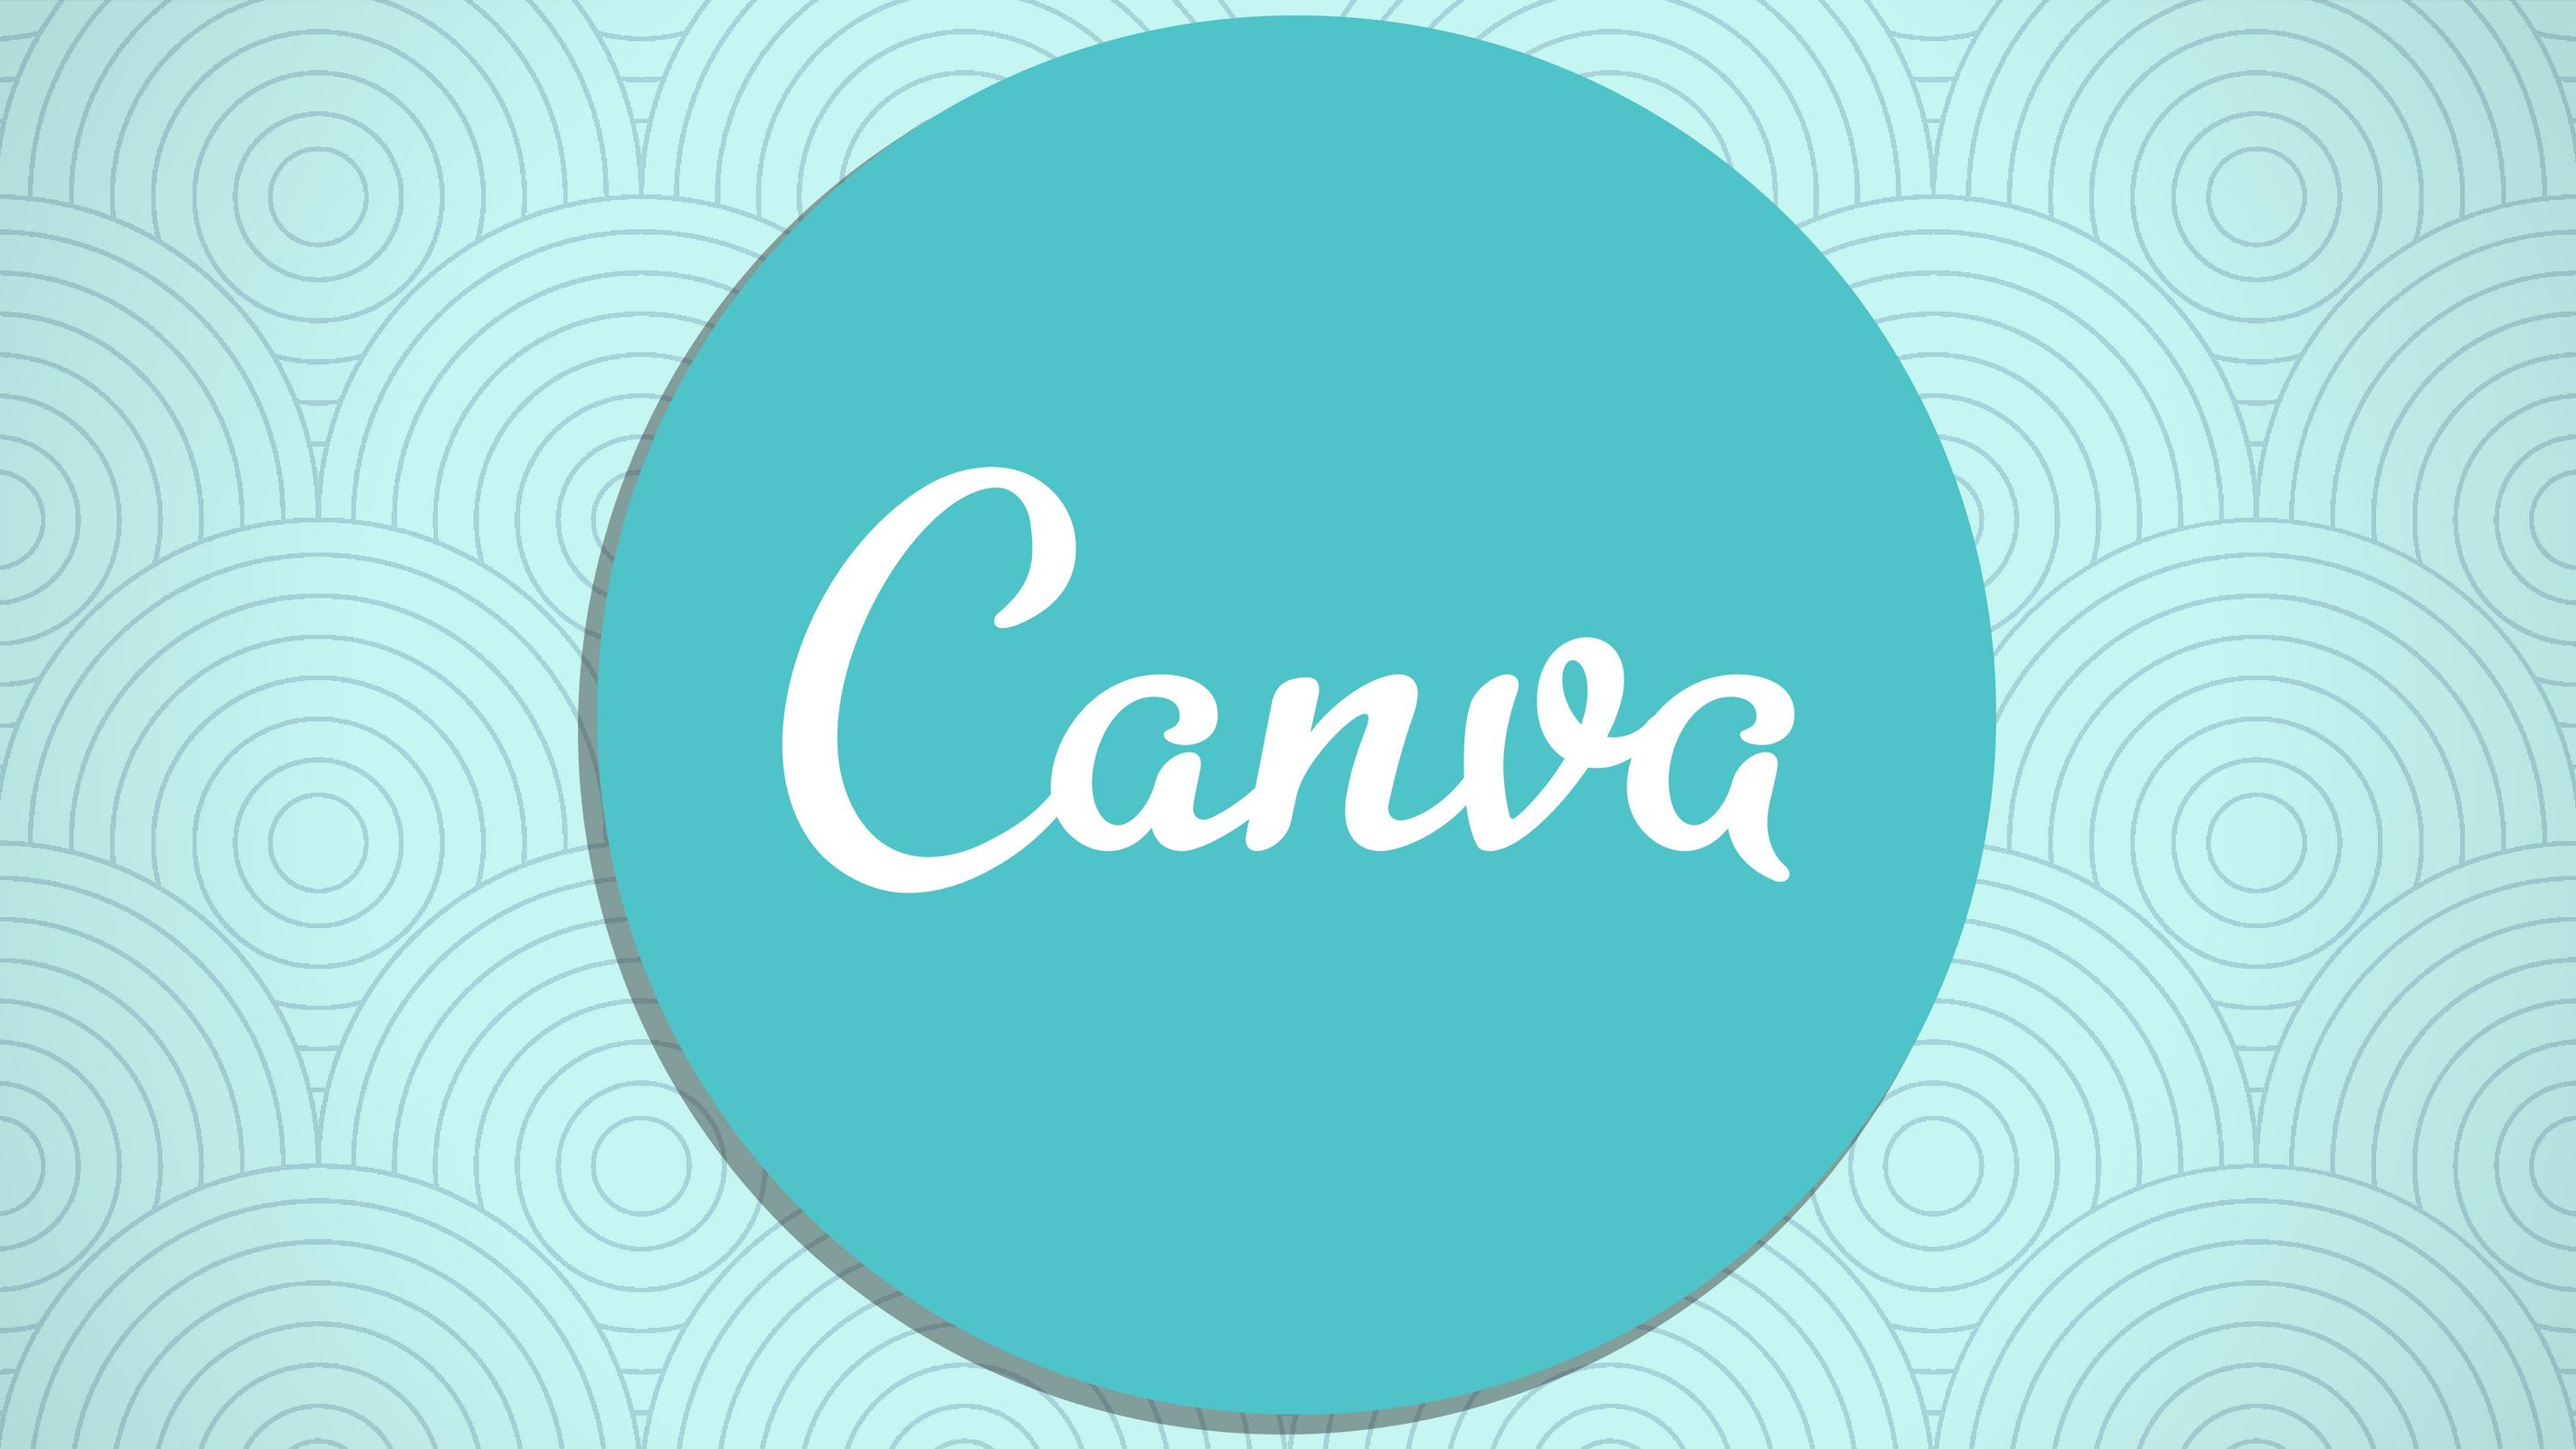 Canva: Diseña gráficos de calidad profesional fácil y rápido